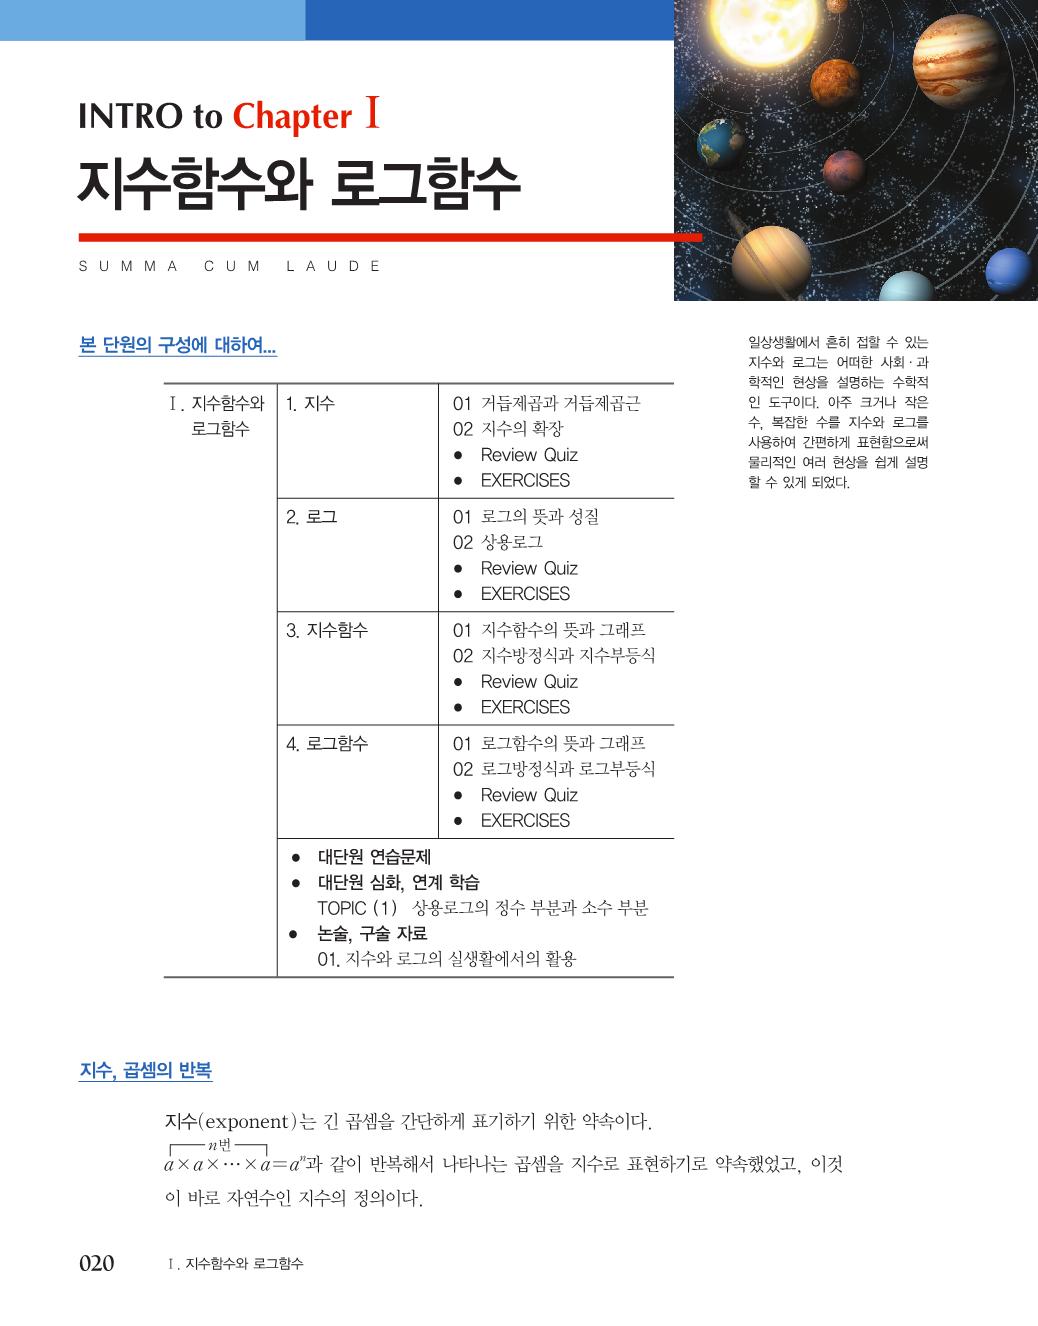 미리보기_숨마쿰라우데_개념기본서_수학116.png